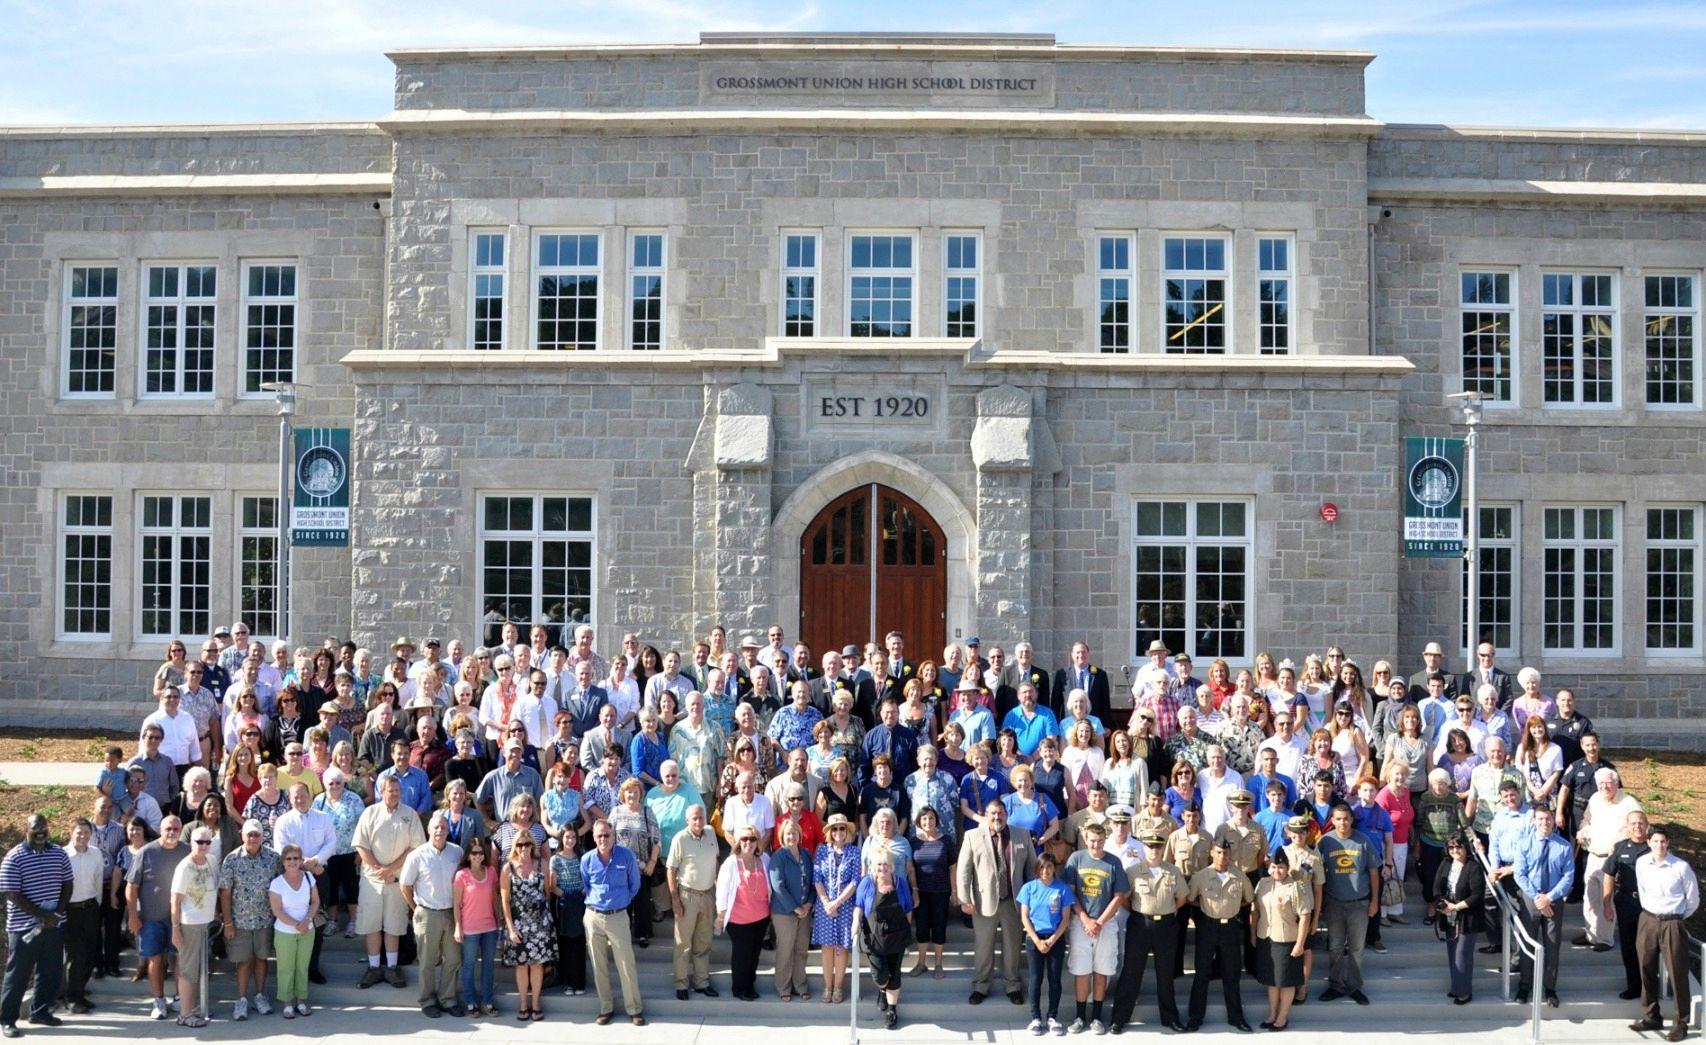 Edificio original de la Grossmont High School, en San Diego. Crédito: web timesofsandiego.com